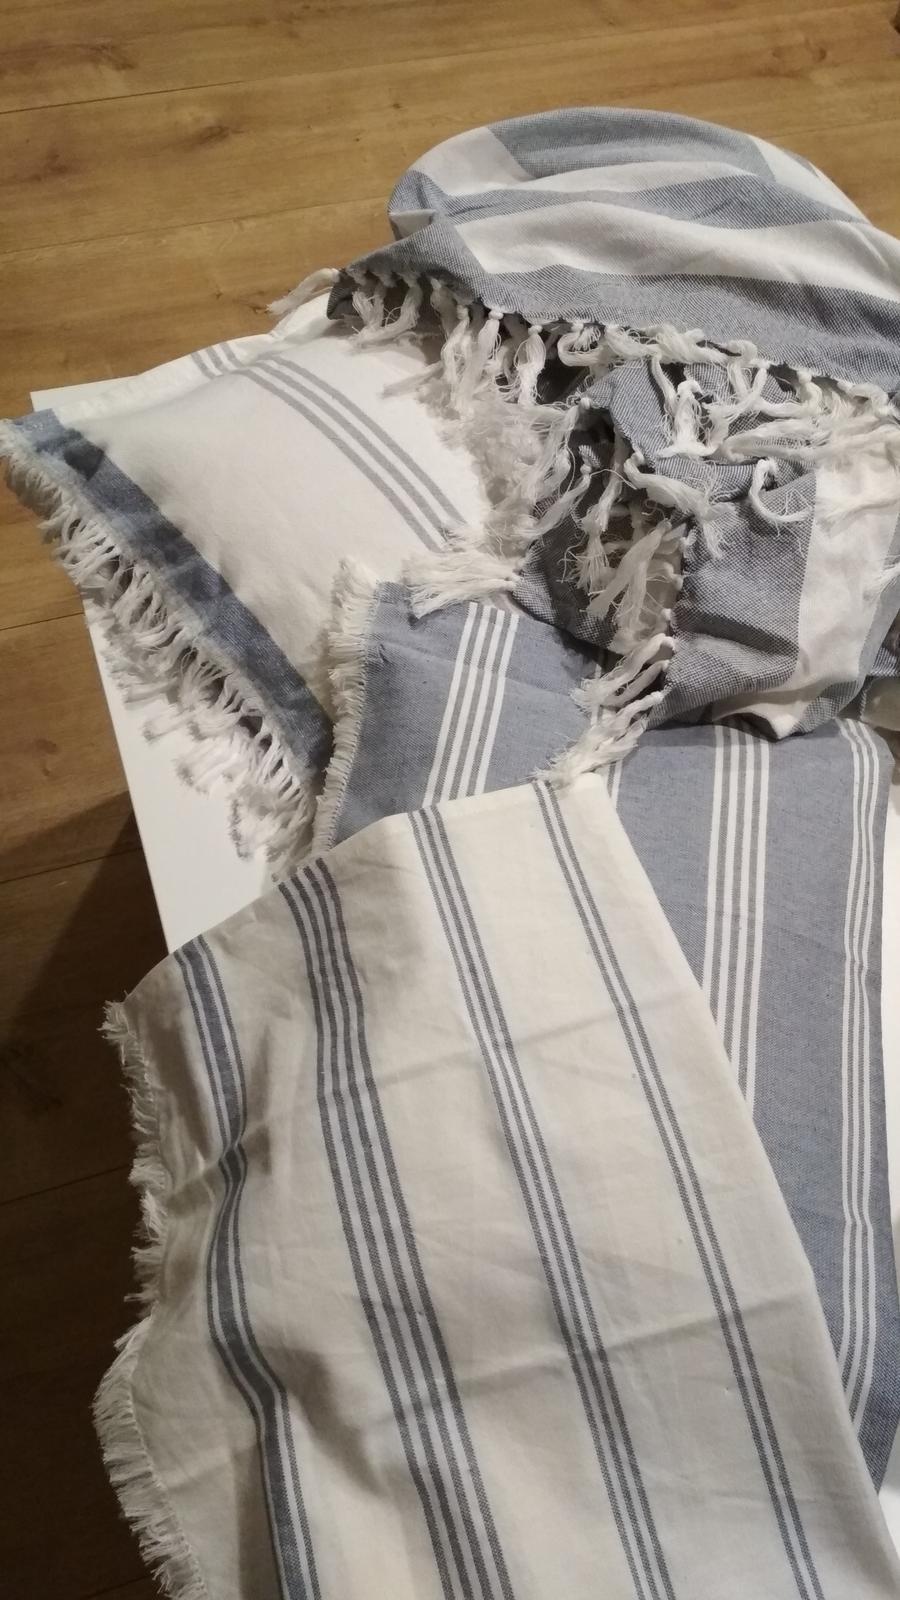 Spálňa - zmena - Dve utierky dva uteráky a jedna deka. Z utierok a uterákov som ušila obliečky na vankúše. Už nech je to drevo na stene a môžem to navliecť. K tej tapete to teraz nejde